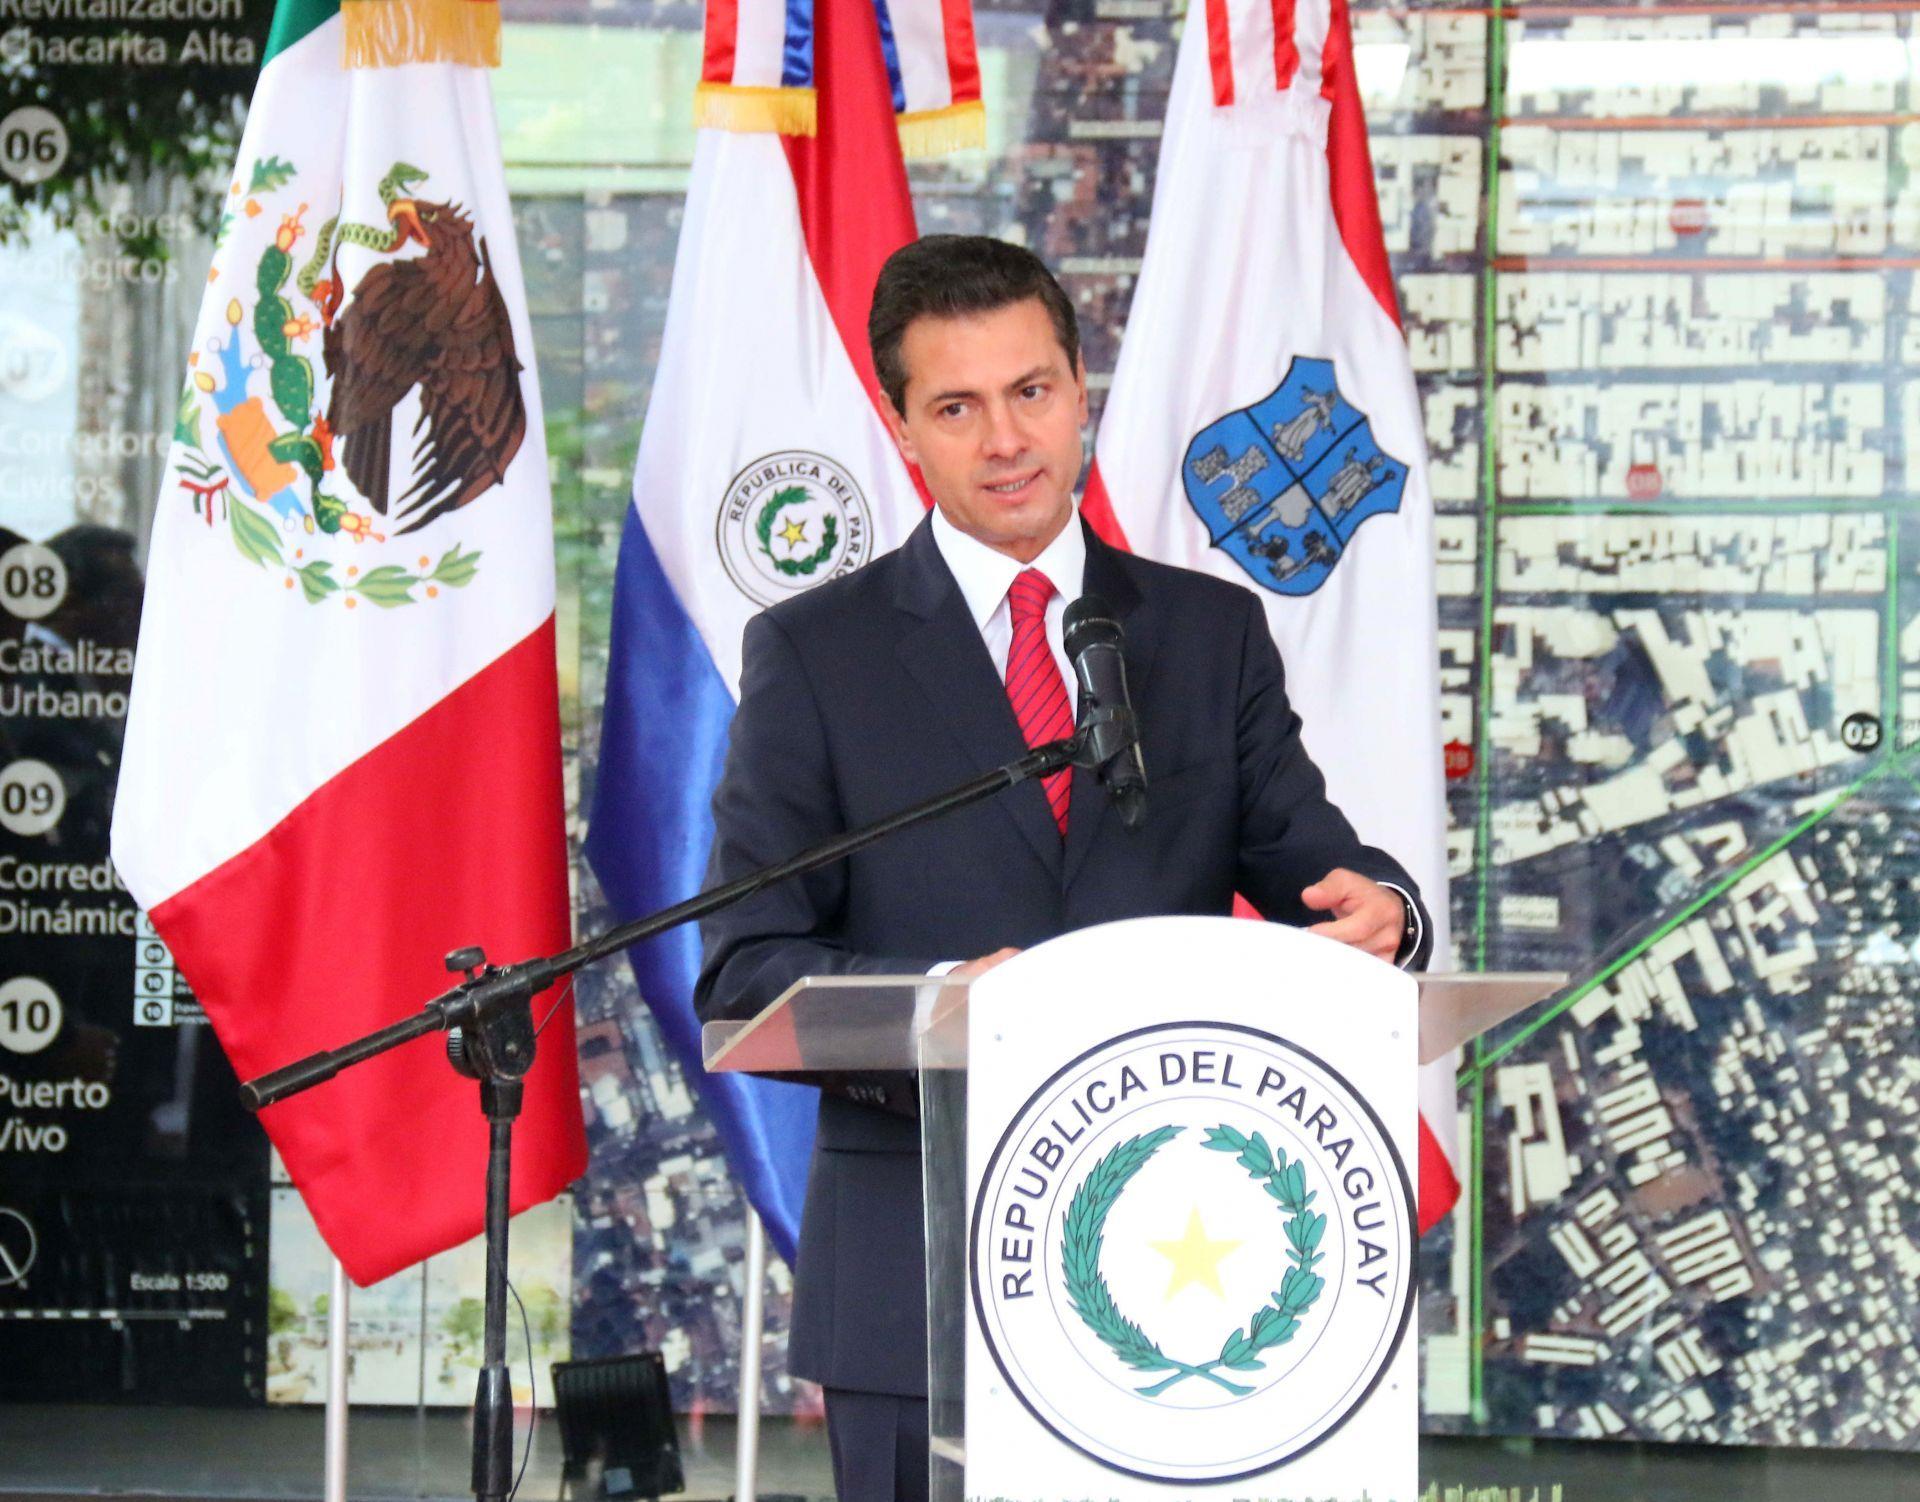 lpresidentedeMéxico,EnriquePeñaNieto